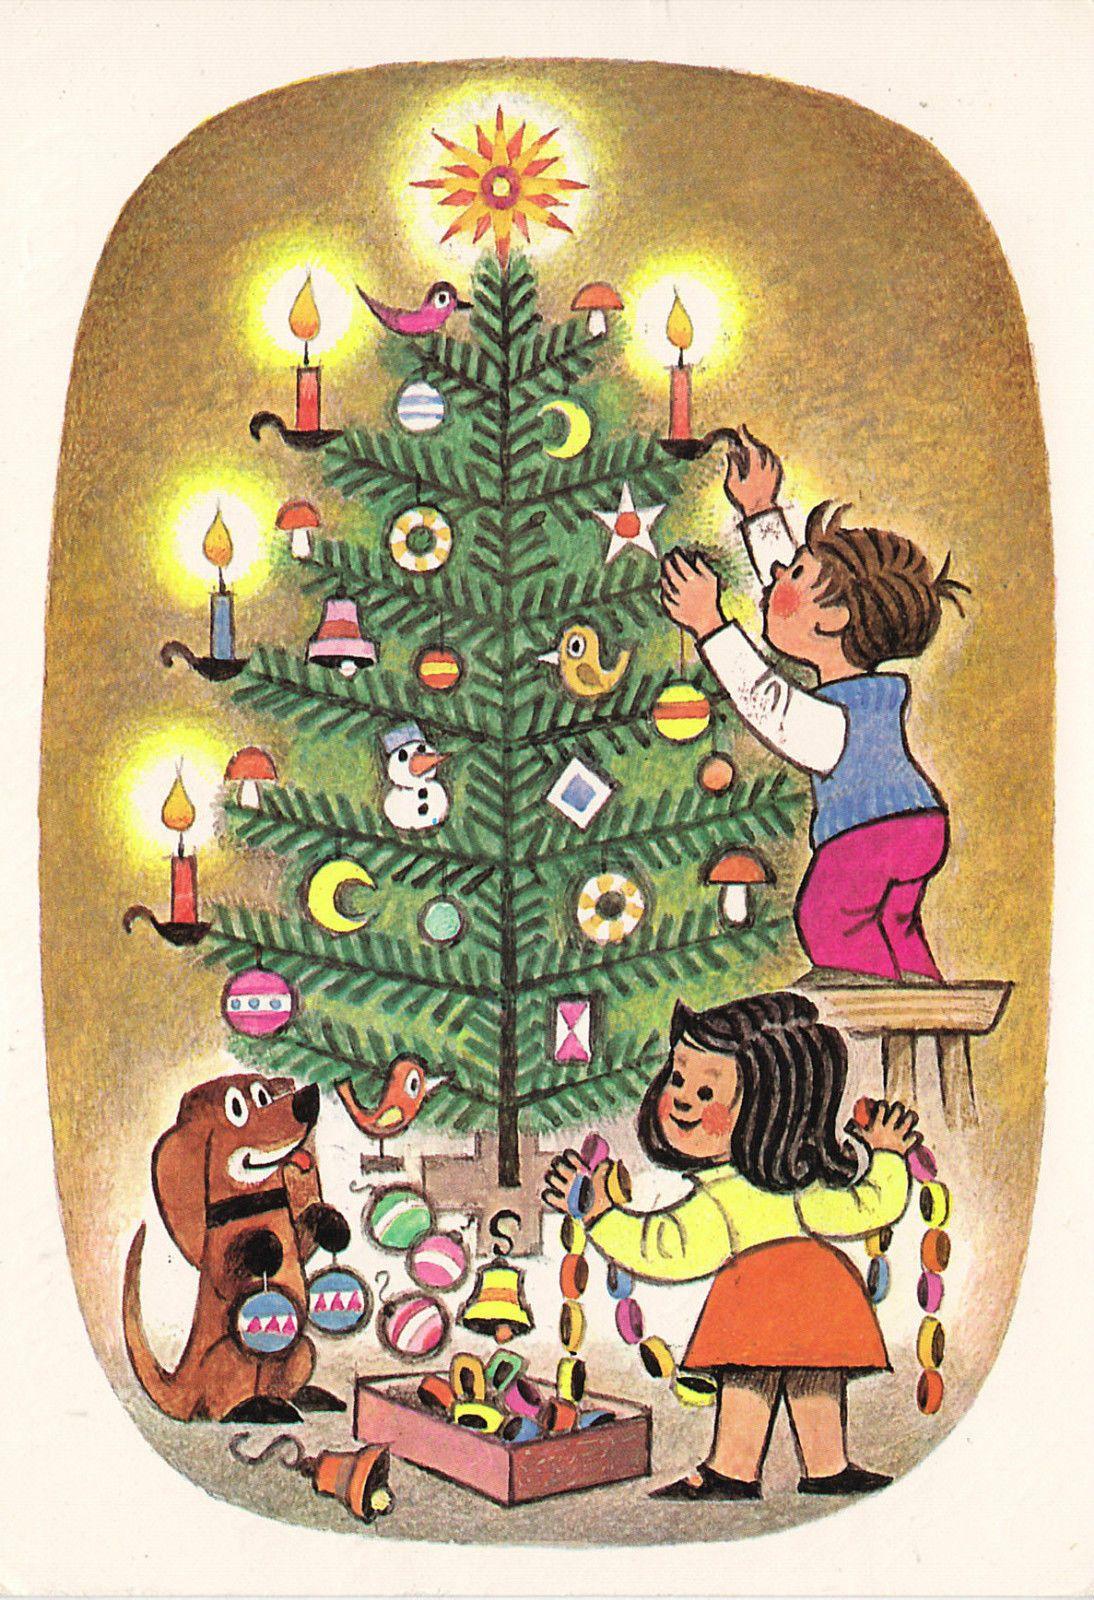 Weihnachten Kinder Und Dackel Schmucken Den Weihnachtsbaum 1975 Retro 2 Retro Children S Book Illustration